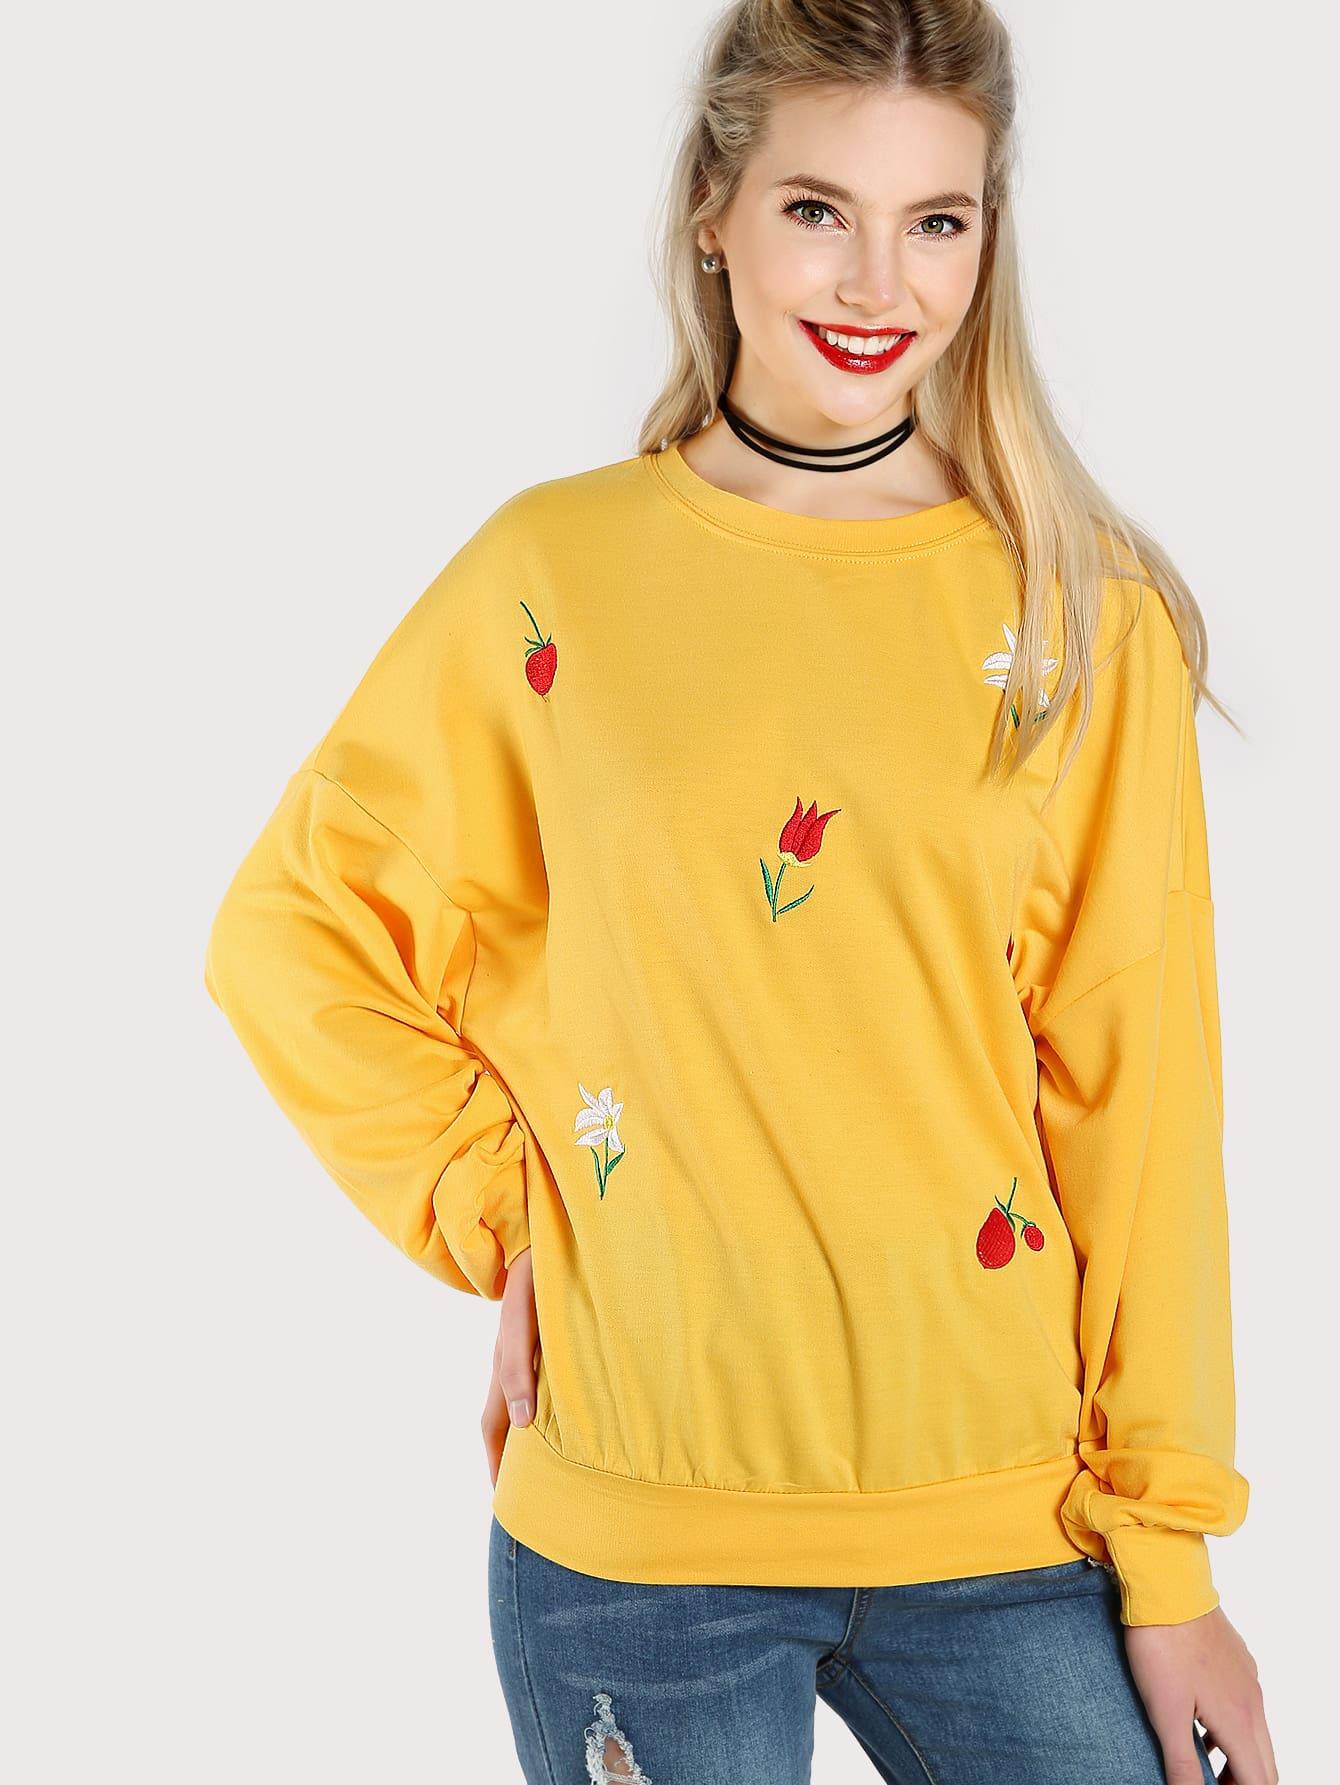 sweat shirt brode fleur avec la chute de l39epaule french romwe With chambre bébé design avec sweat shirt fleur